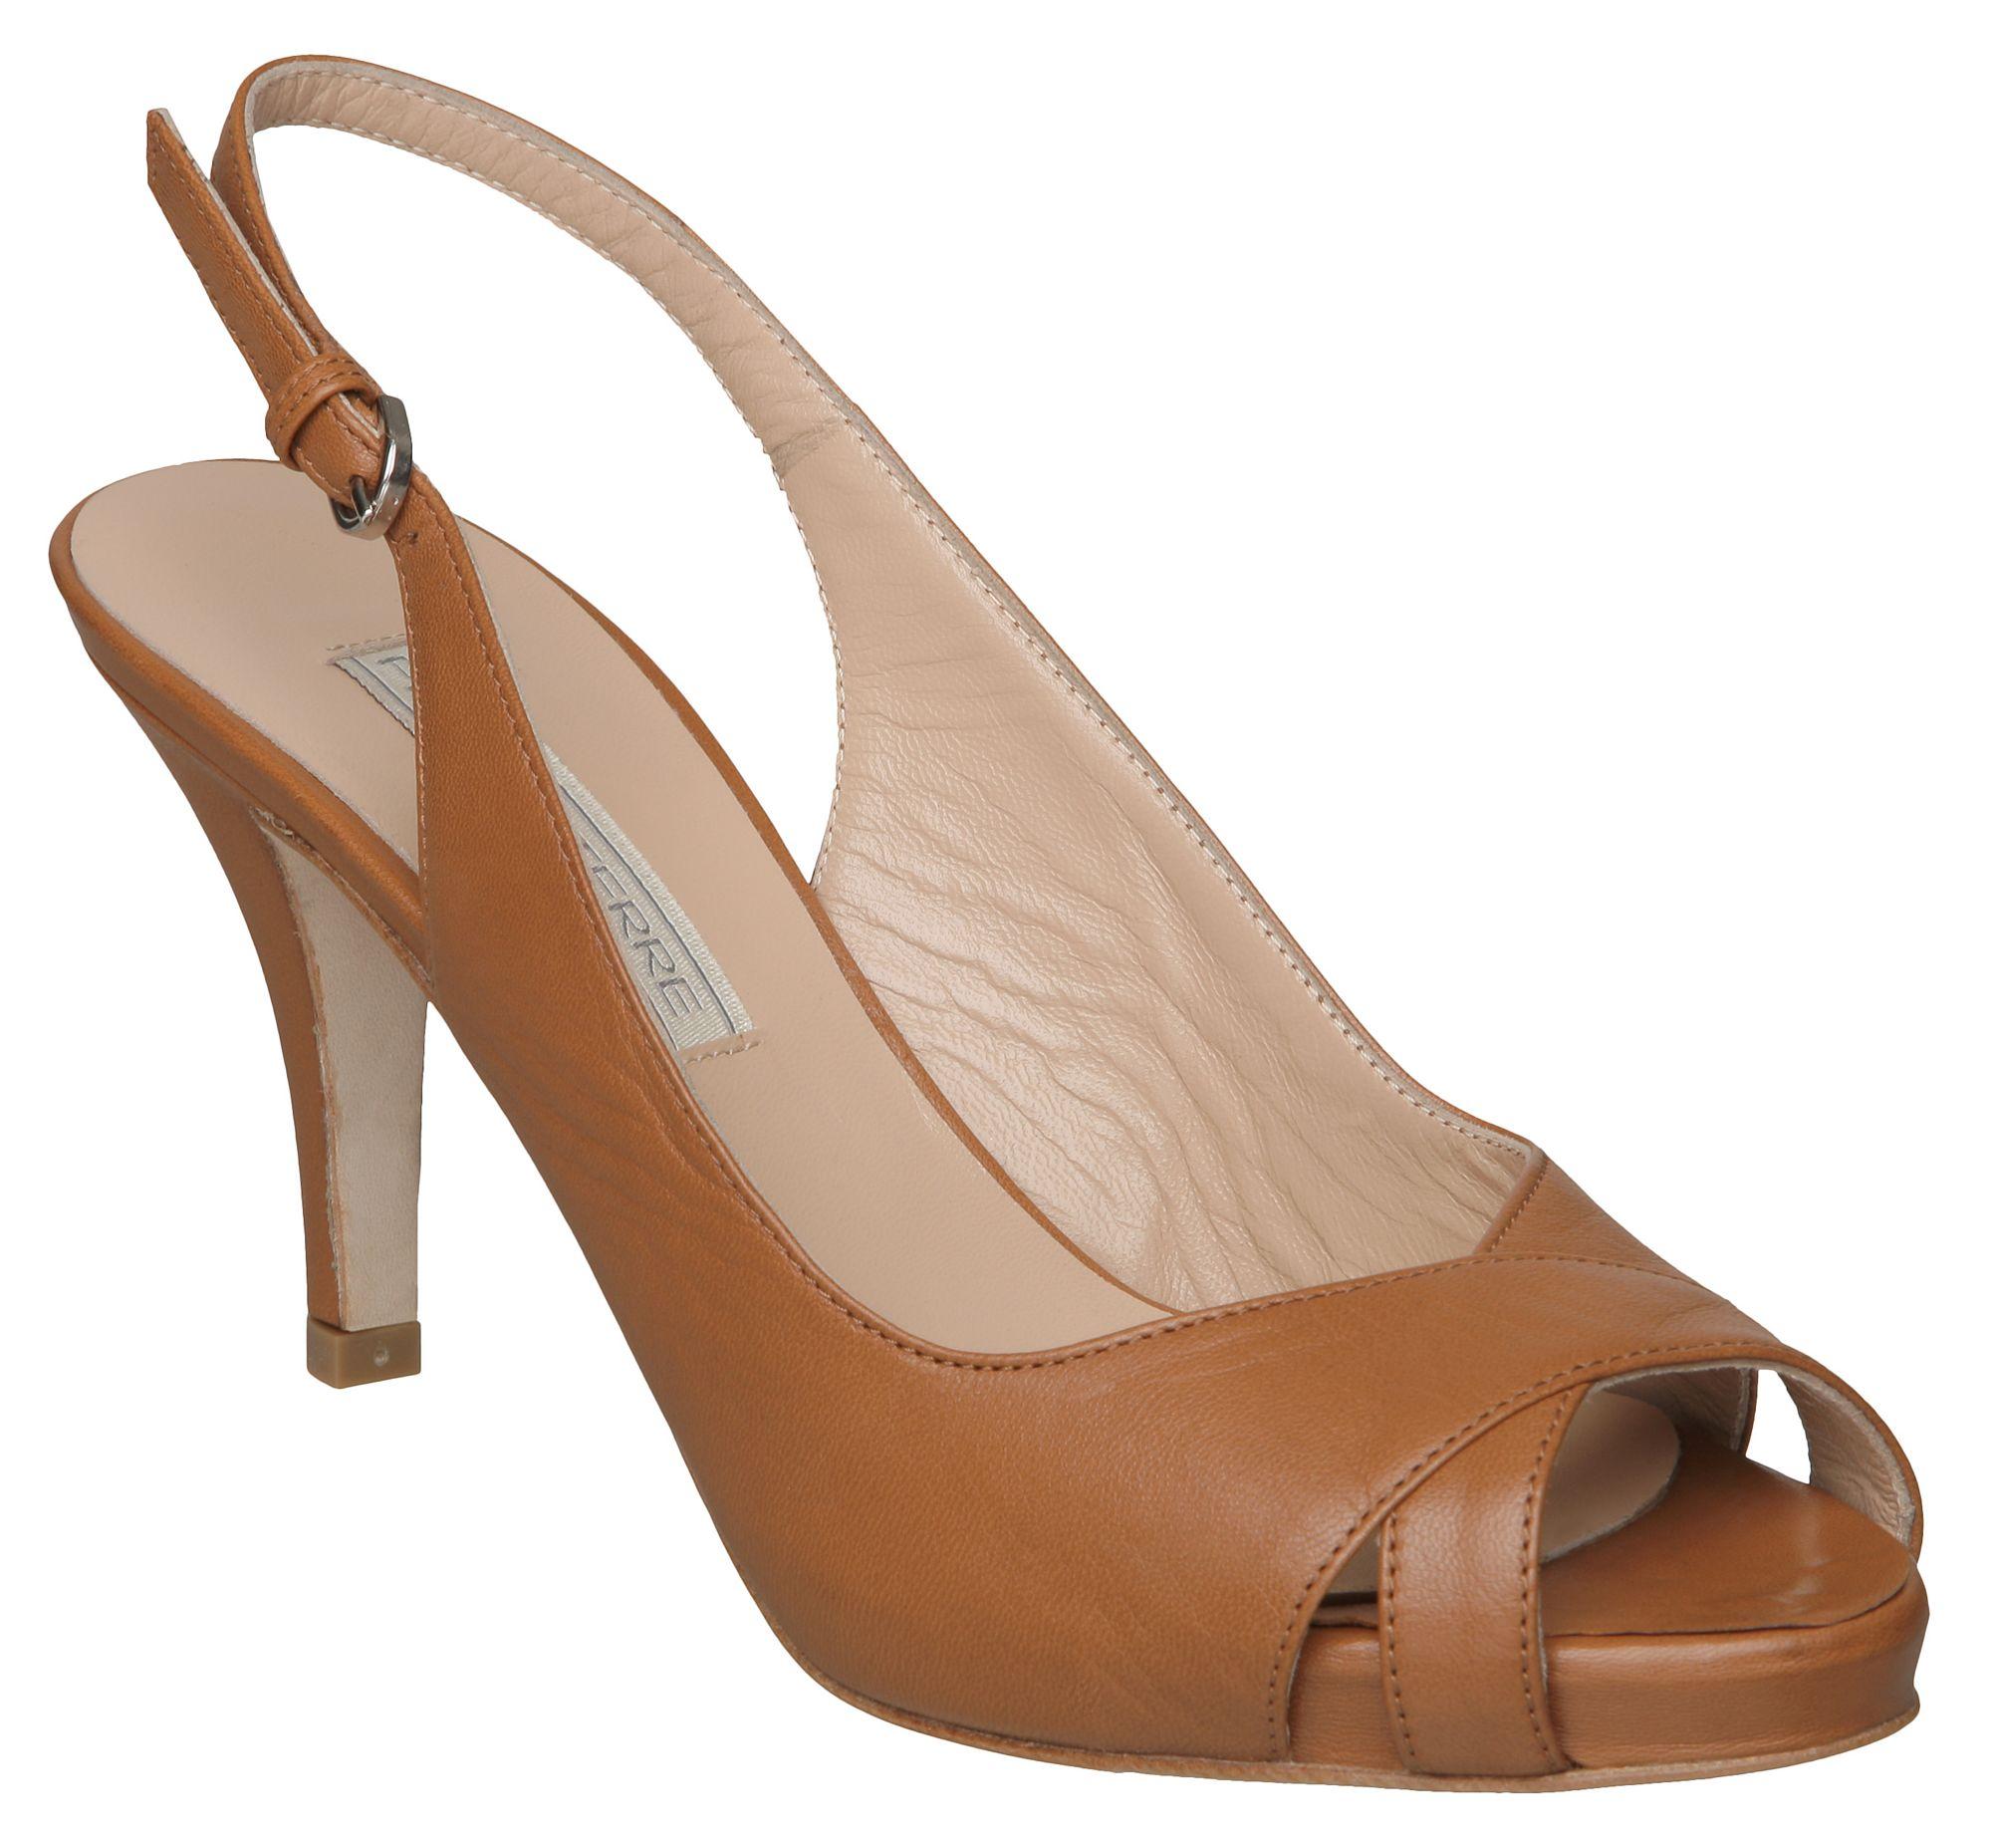 Pied A Terre Jae Cross Vamp Sandals In Brown Tan Lyst